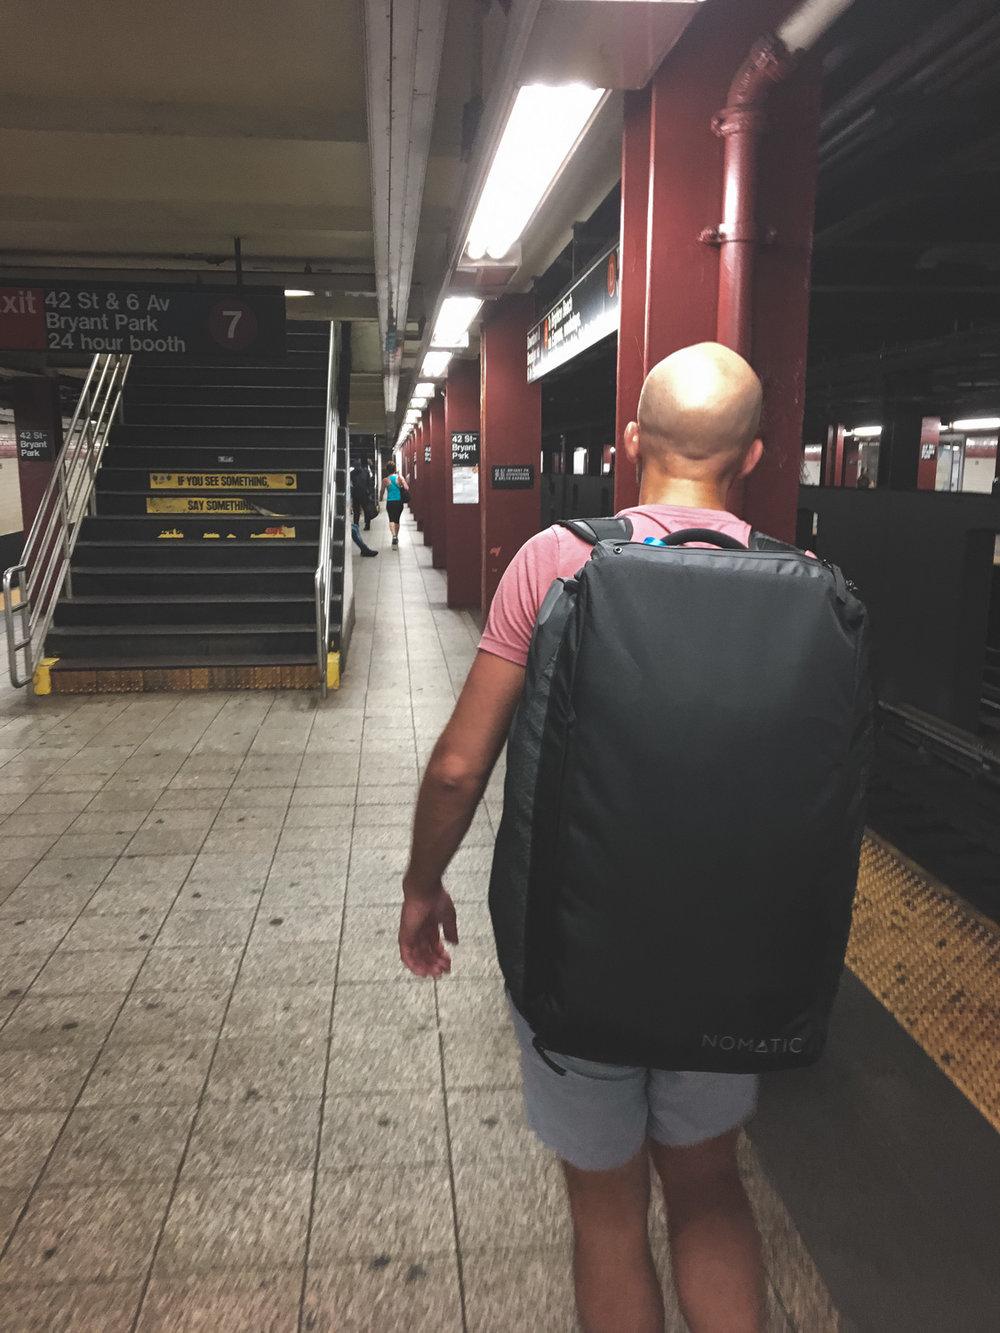 Rocking the Nomatic Travel Bag.